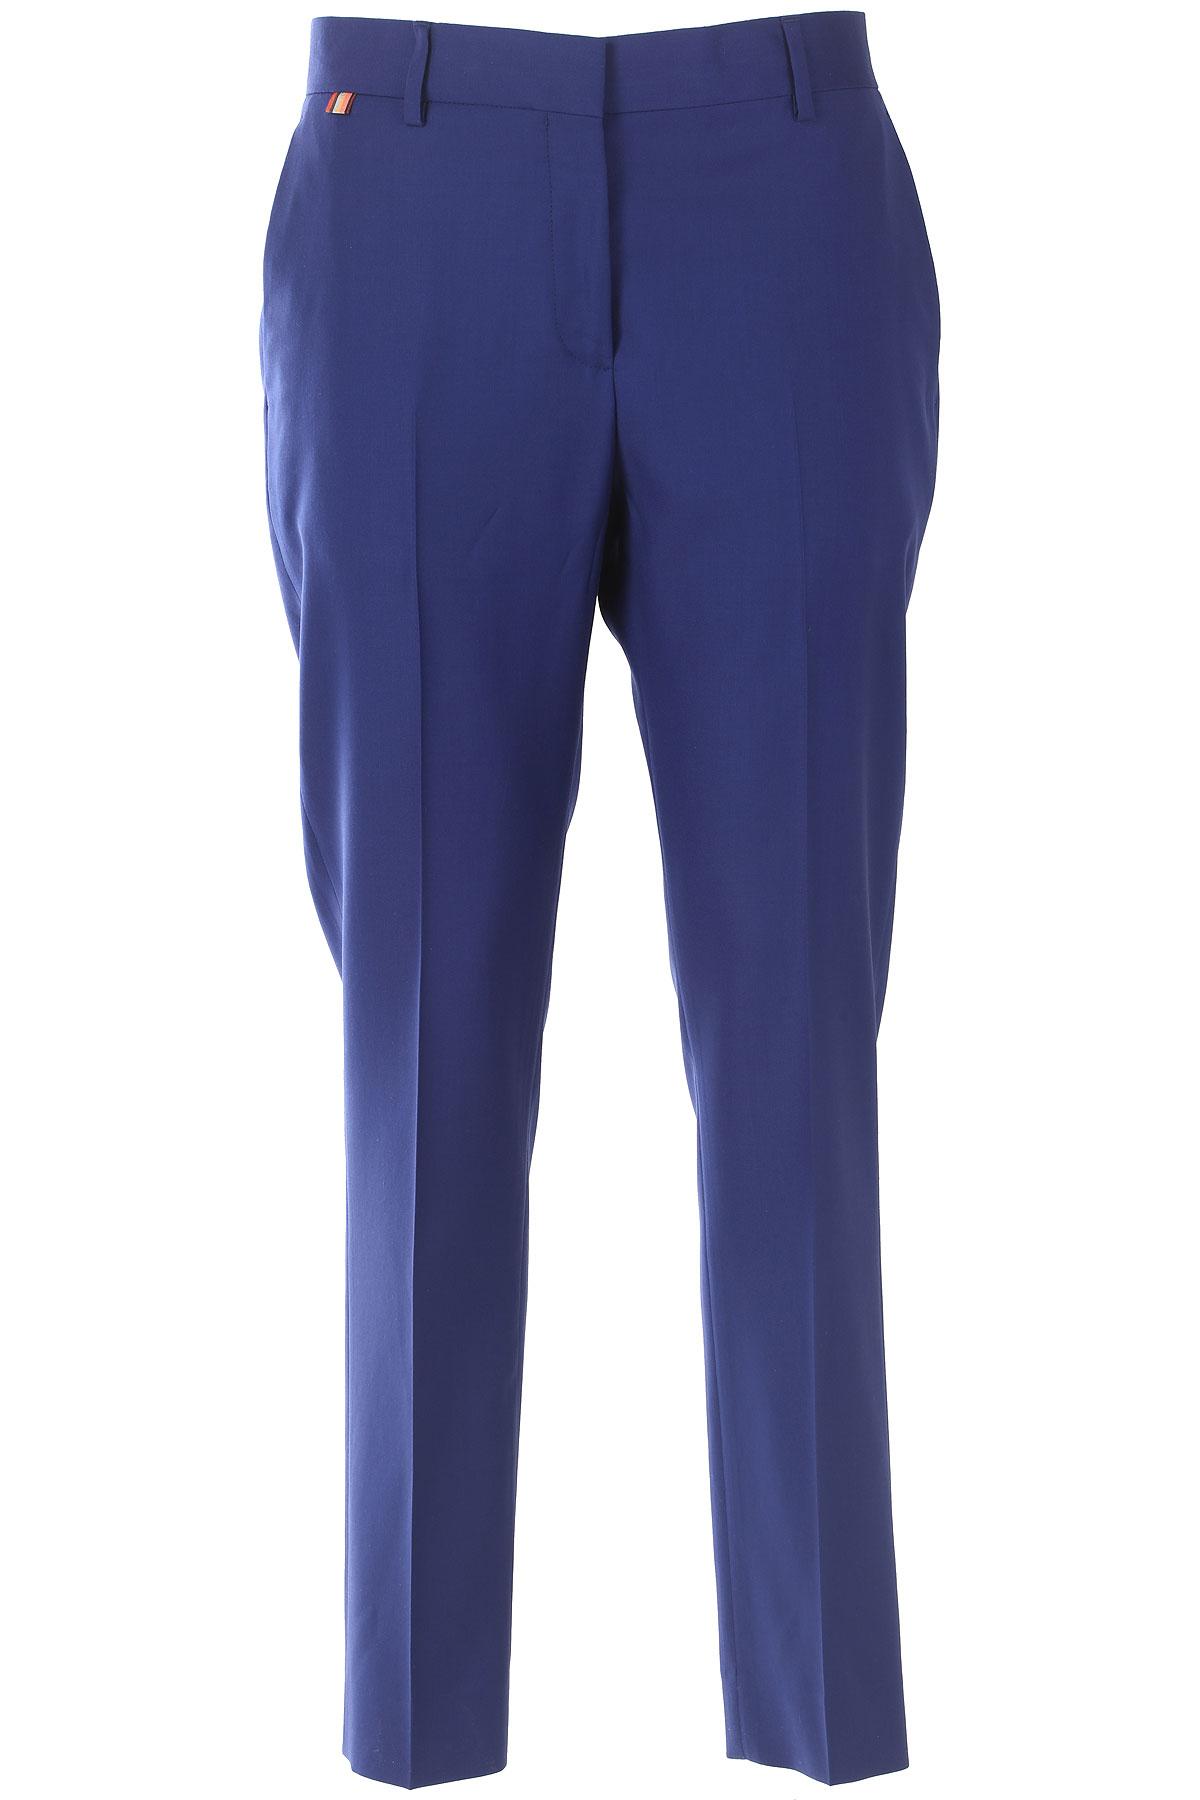 Paul Smith Pantalon Femme Pas cher en Soldes, Bleu, Coton, 2017, 40 44 46